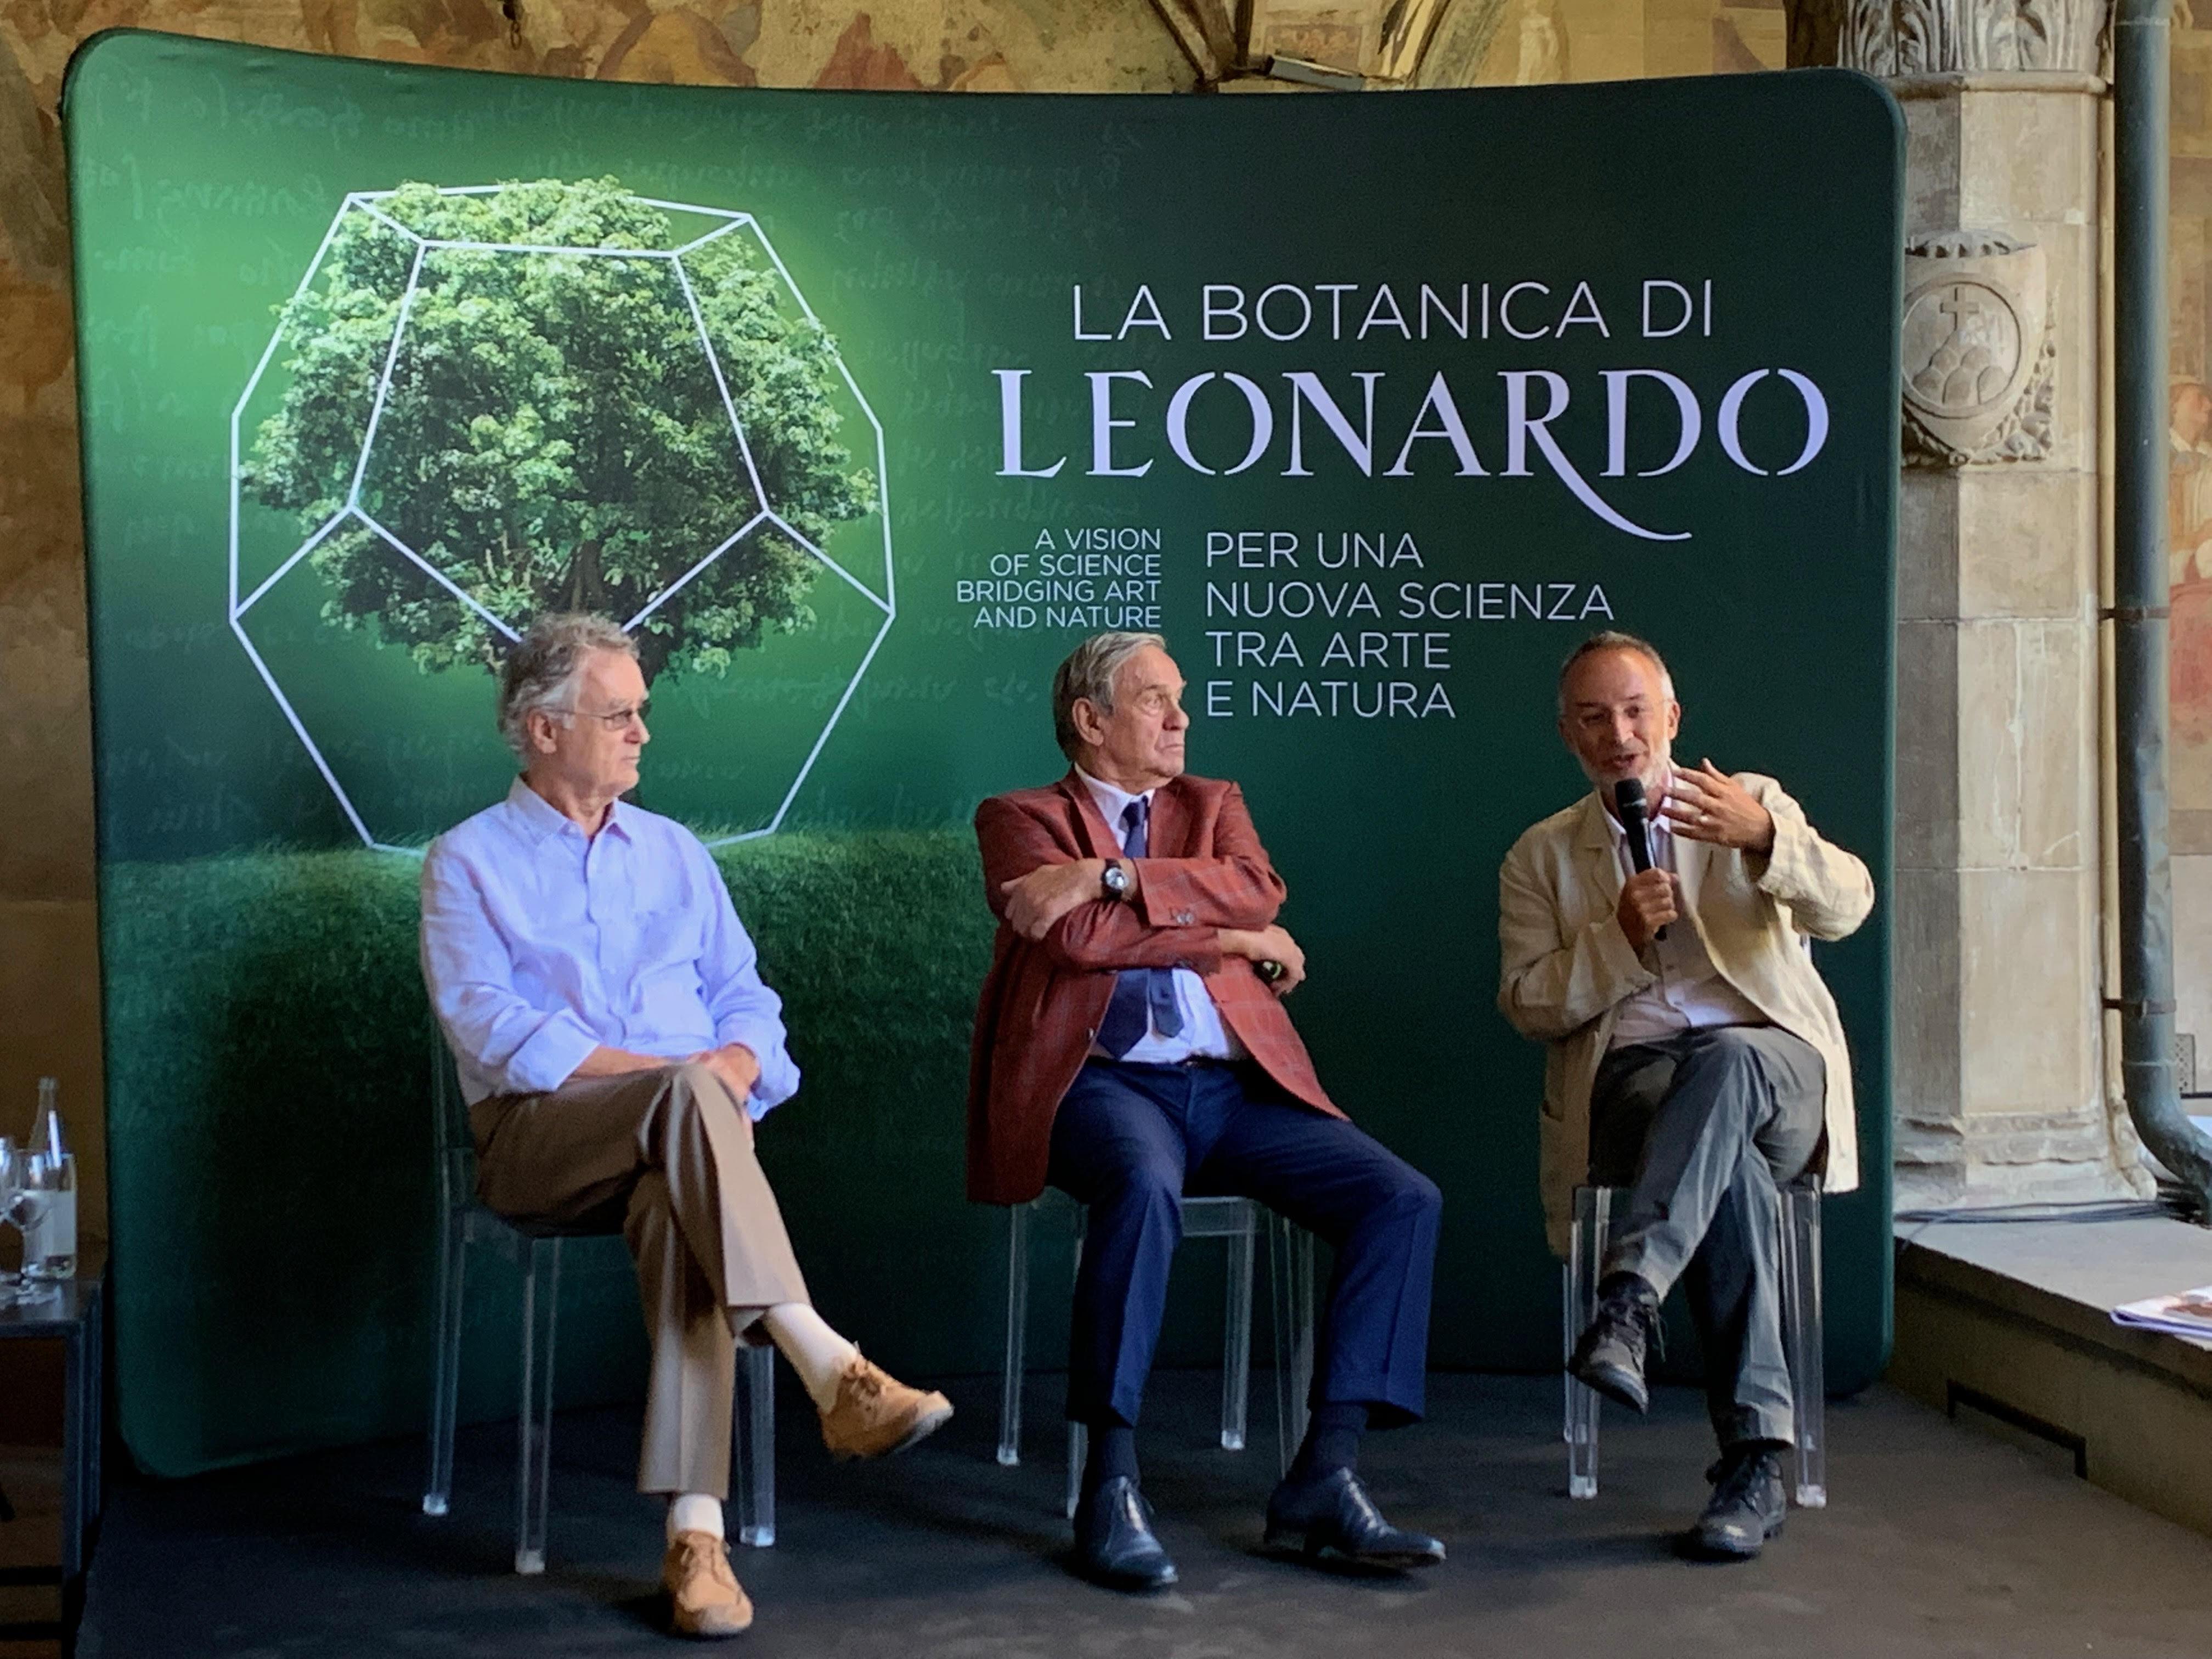 Il Leonardo pensatore sistemico nella mostra sulla botanica